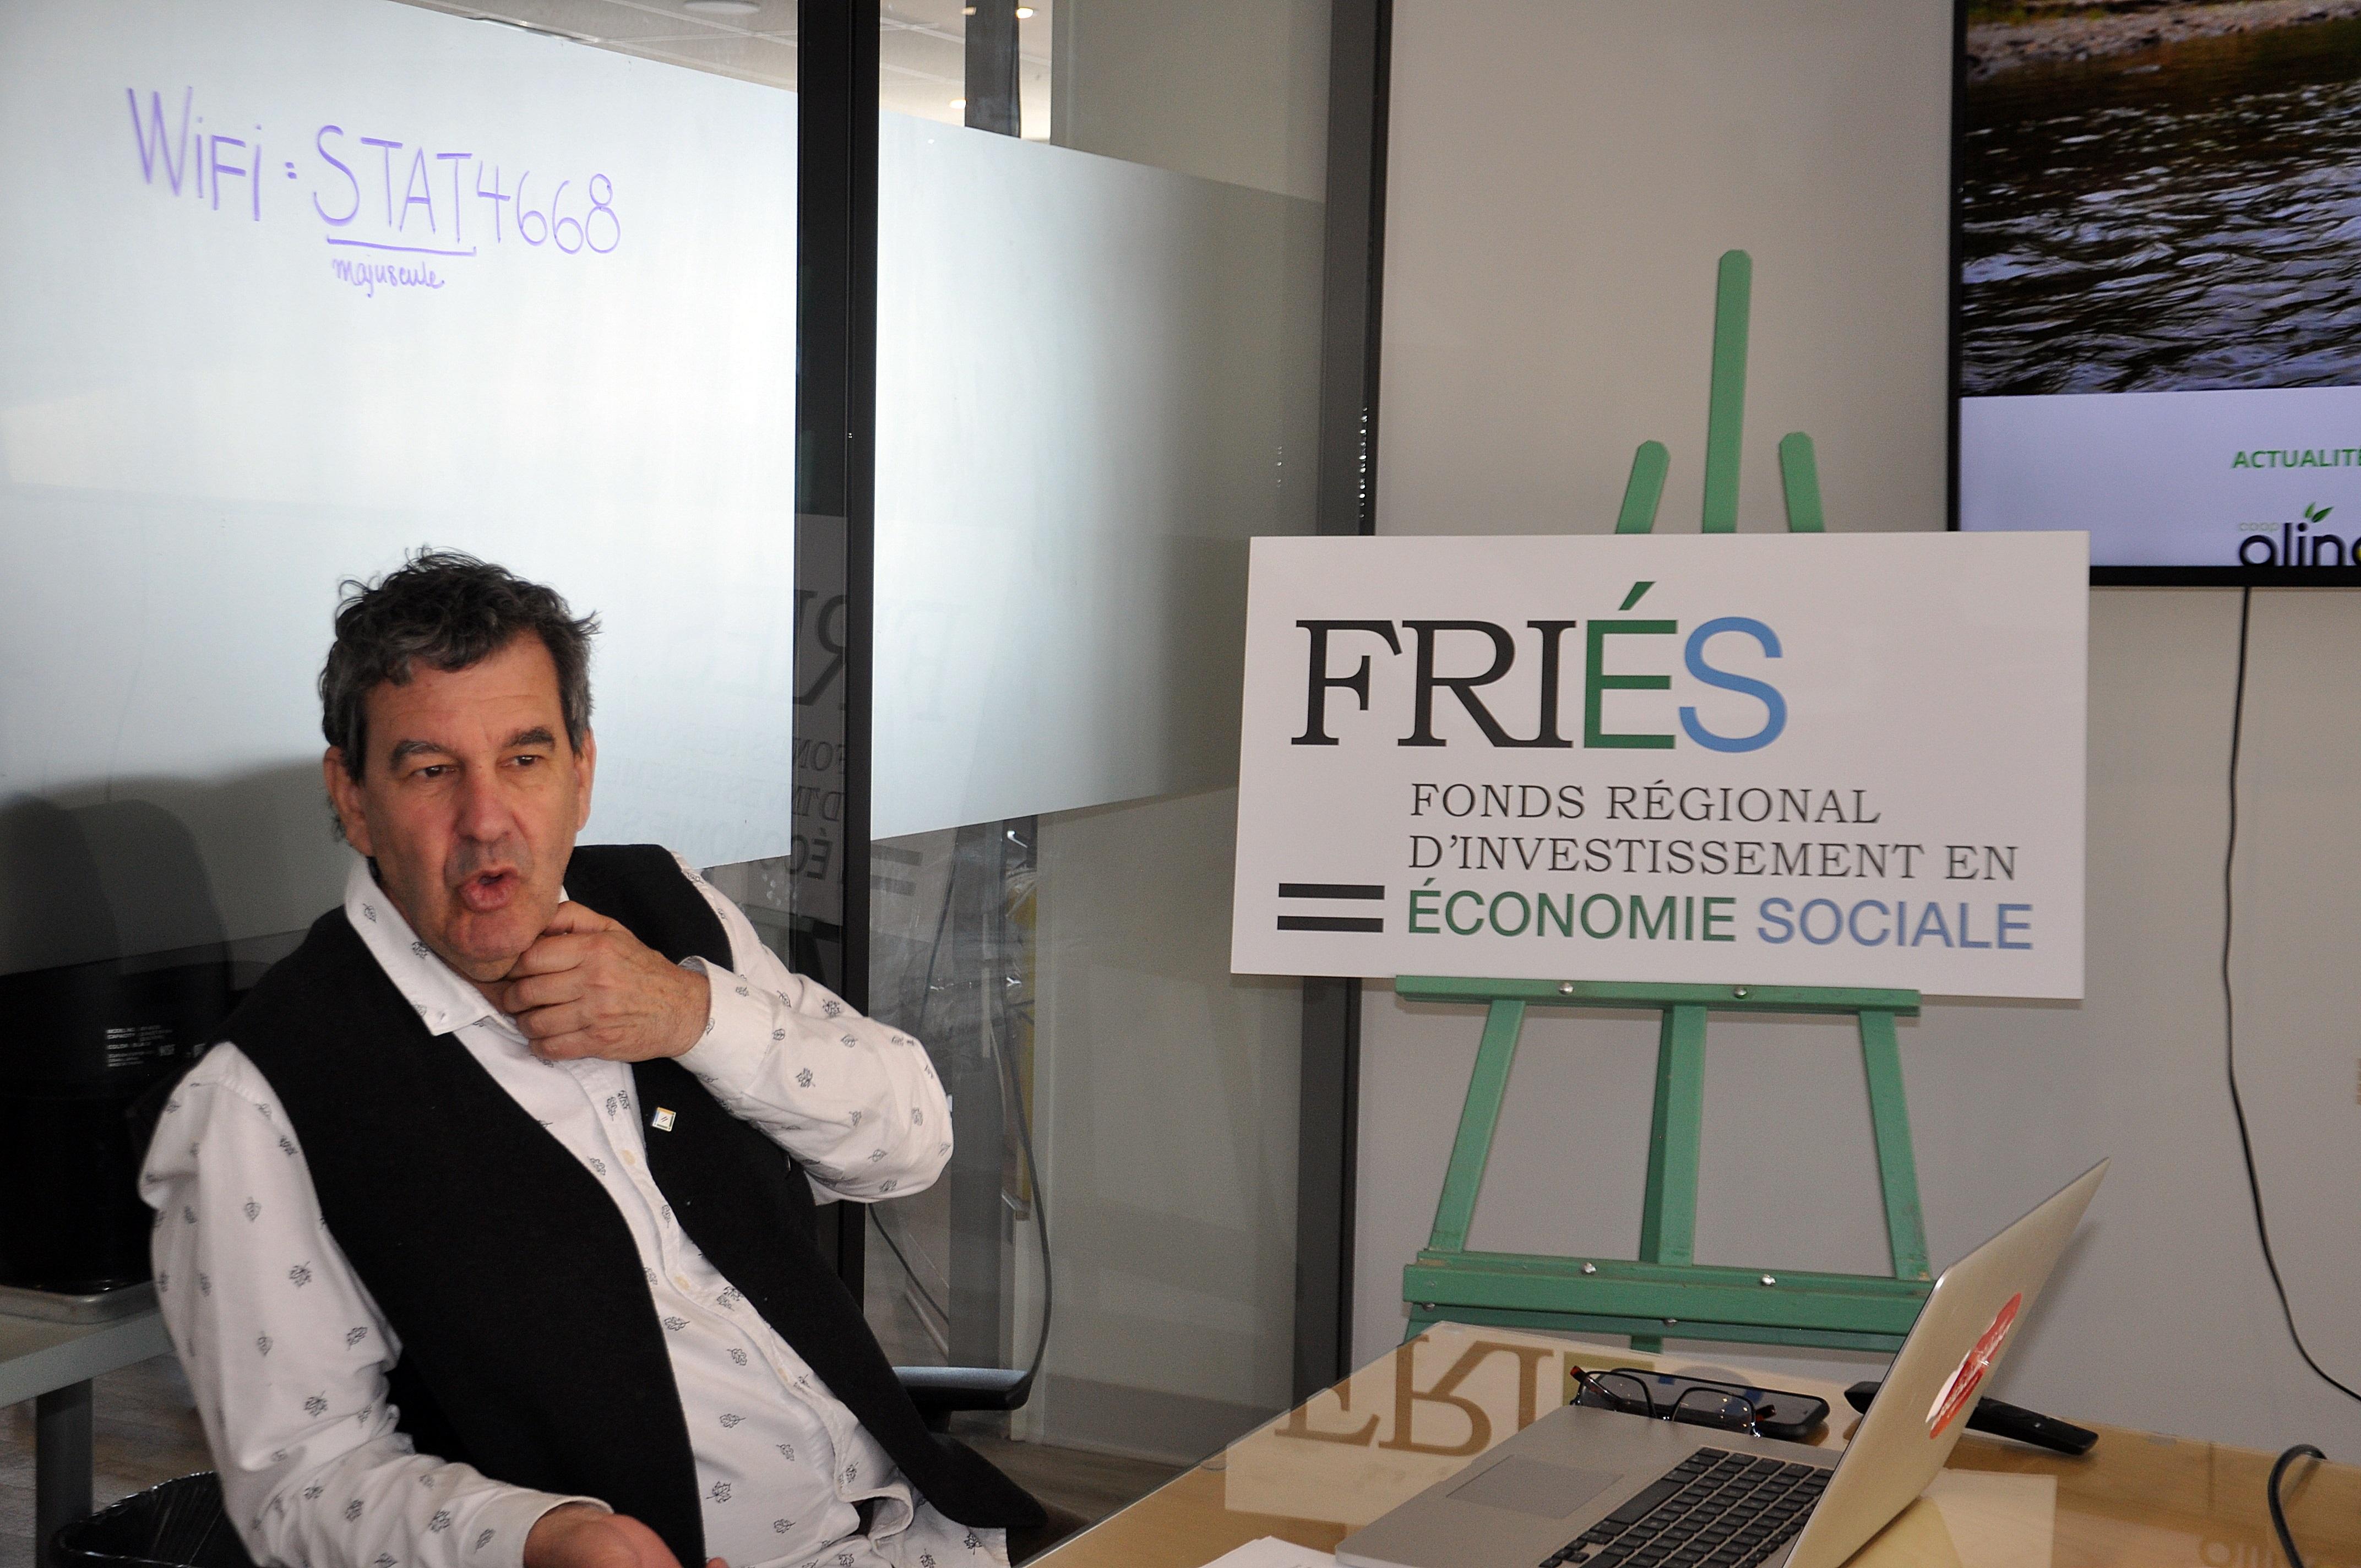 Jacques Bérubé présentant le logo du nouveau FRIÉS.